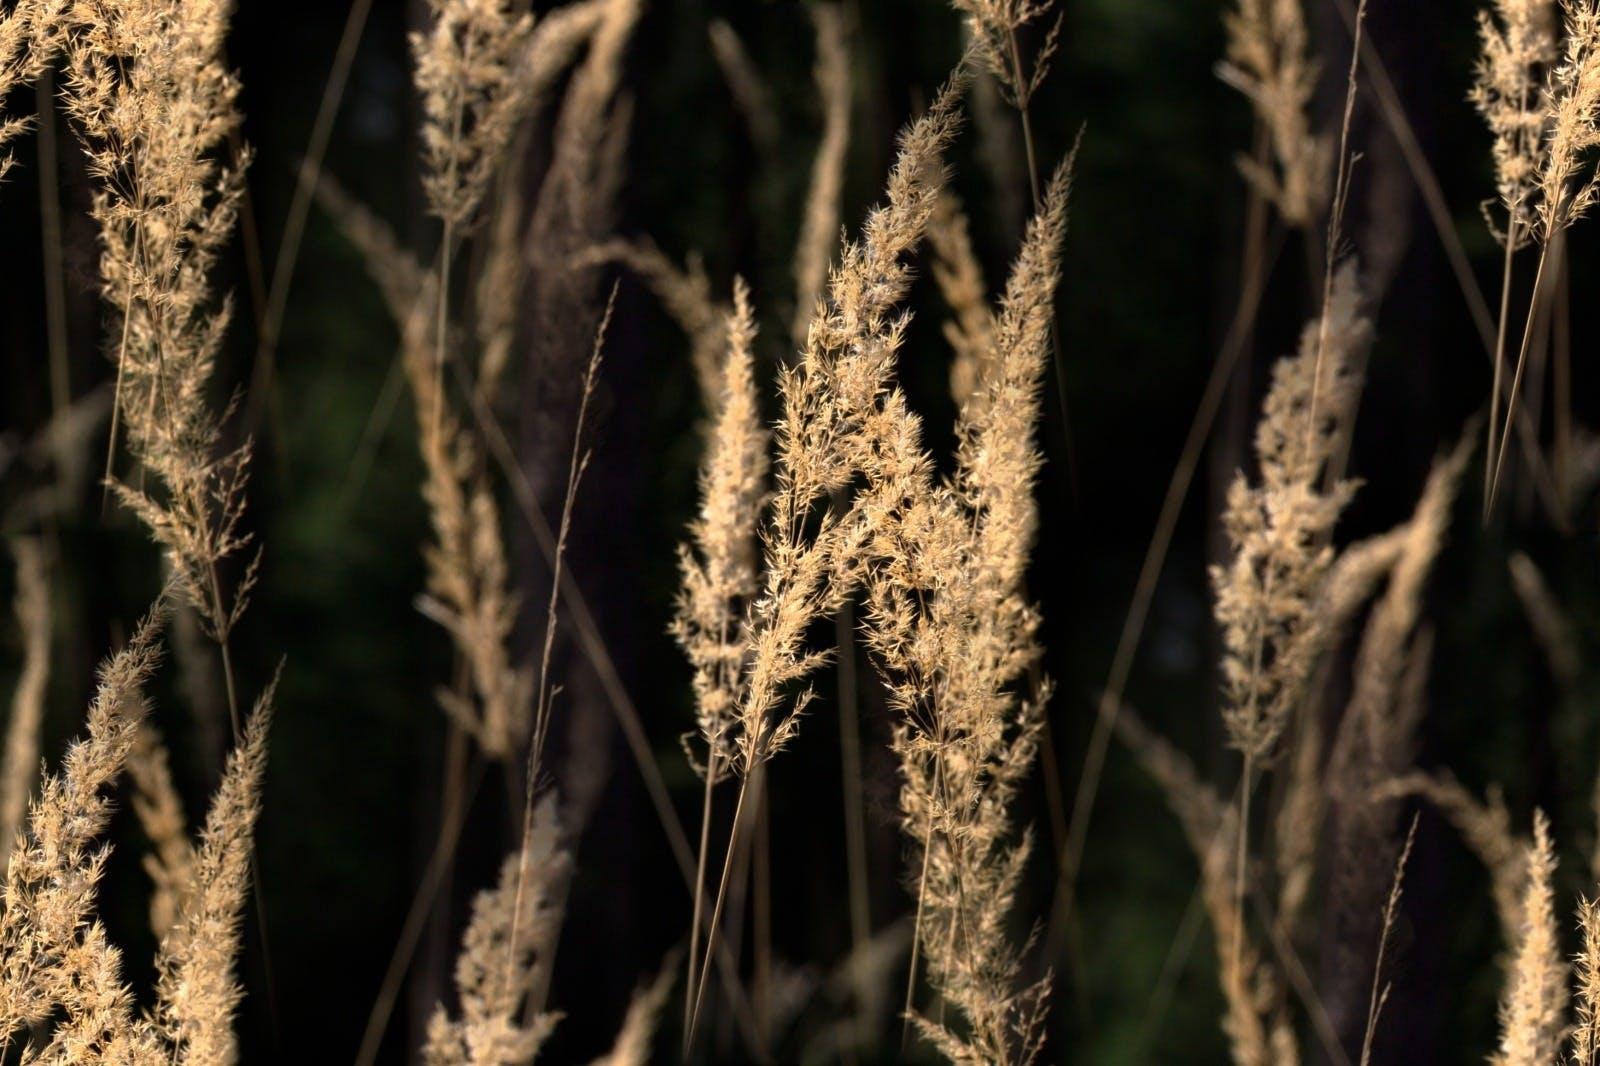 Brown Outdoor Plants